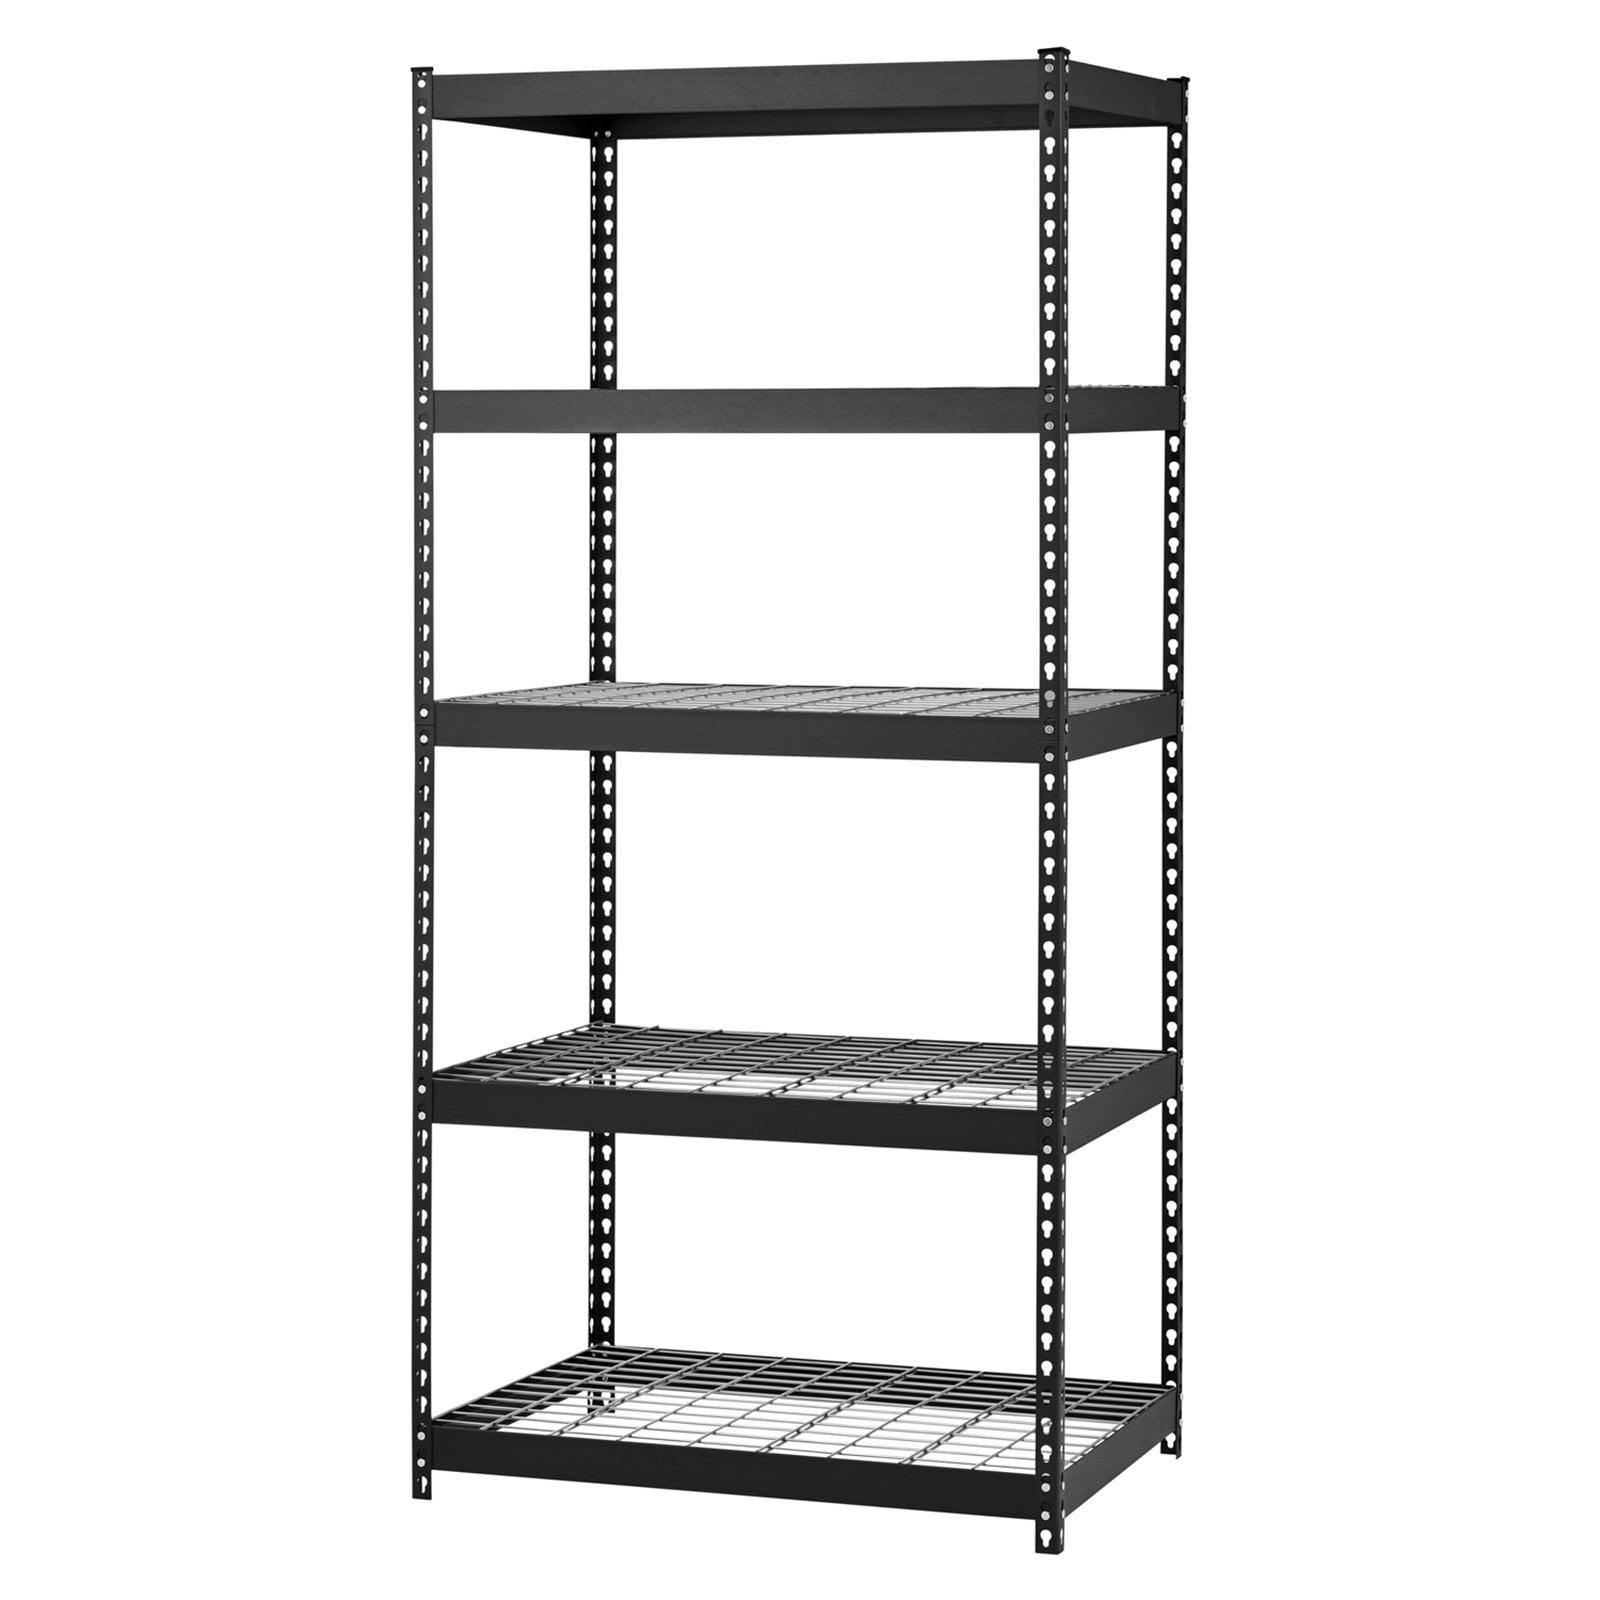 Muscle Rack 5-Tier Steel Storage Rack